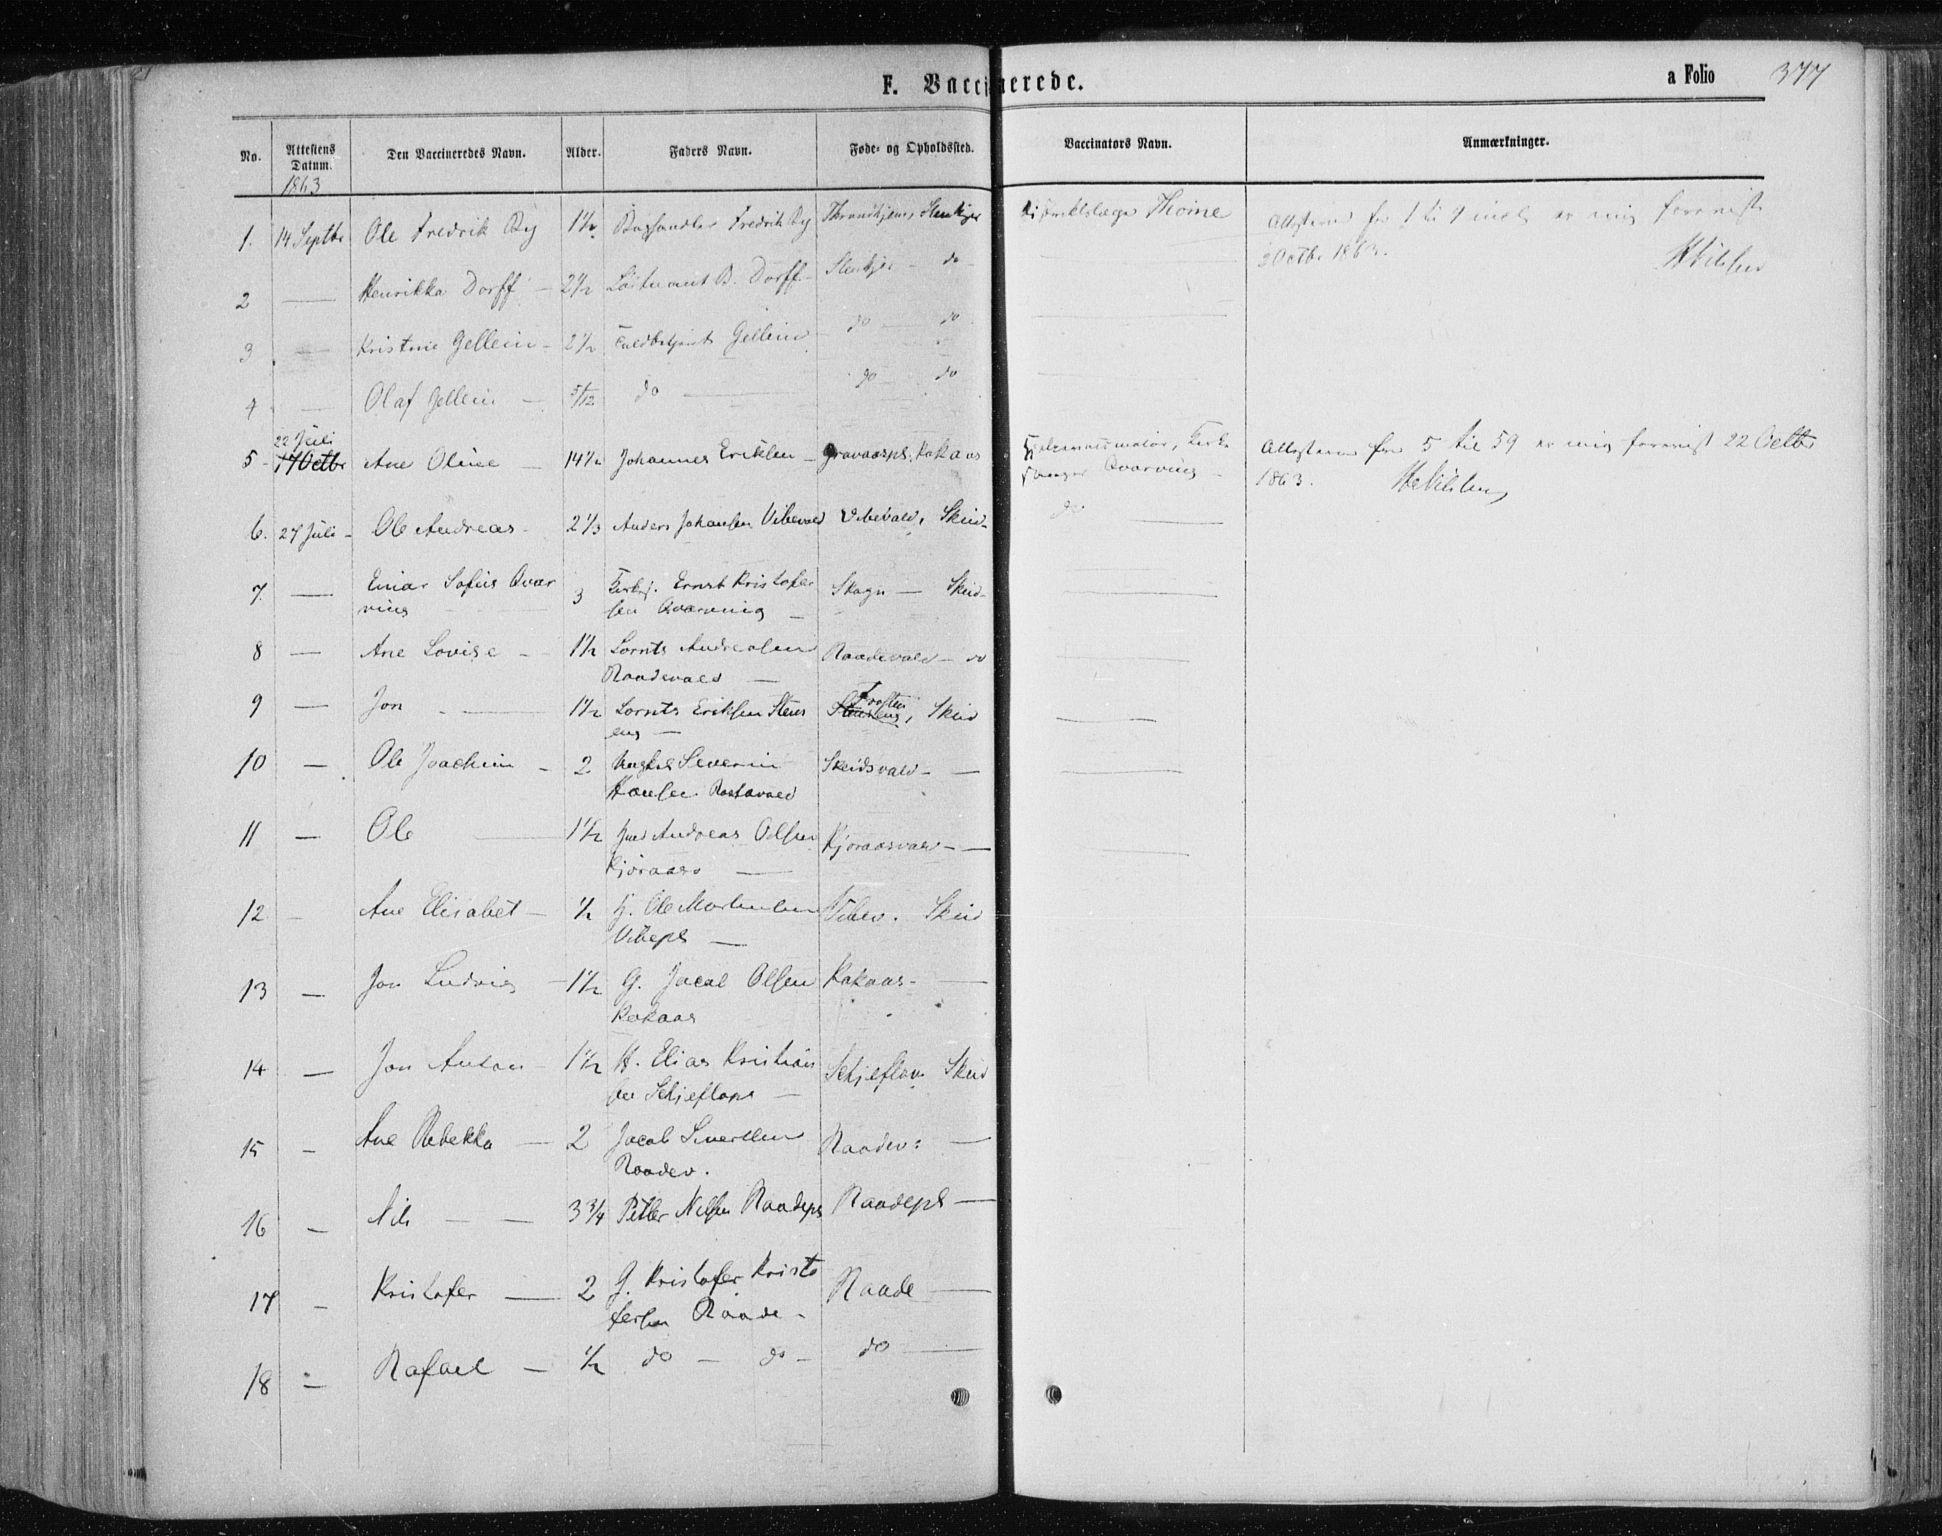 SAT, Ministerialprotokoller, klokkerbøker og fødselsregistre - Nord-Trøndelag, 735/L0345: Ministerialbok nr. 735A08 /1, 1863-1872, s. 377